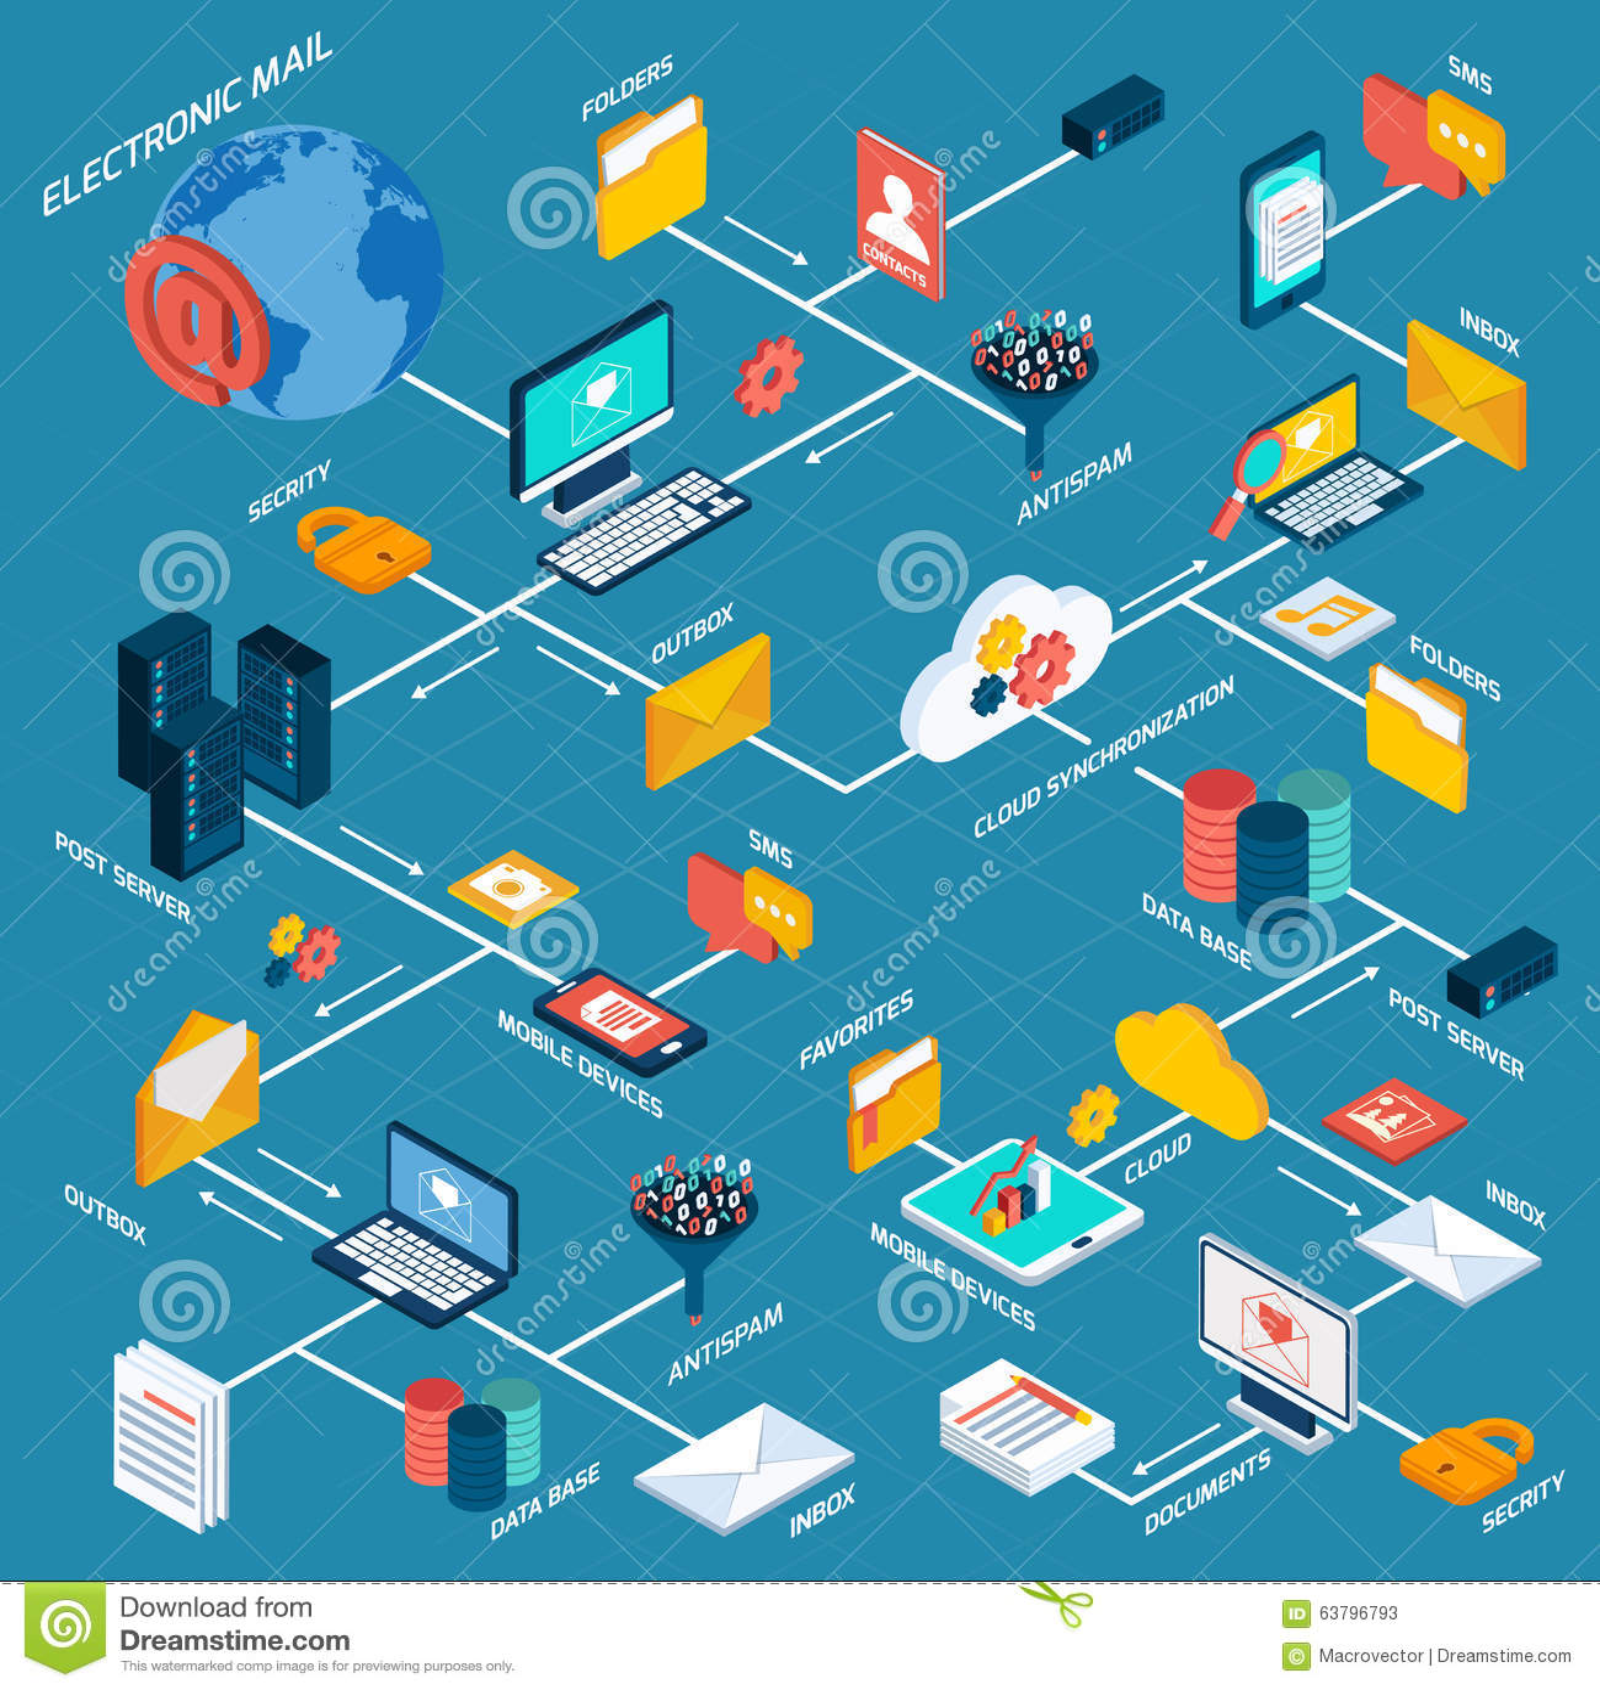 Схема технологического процесса электронной почты равновеликая